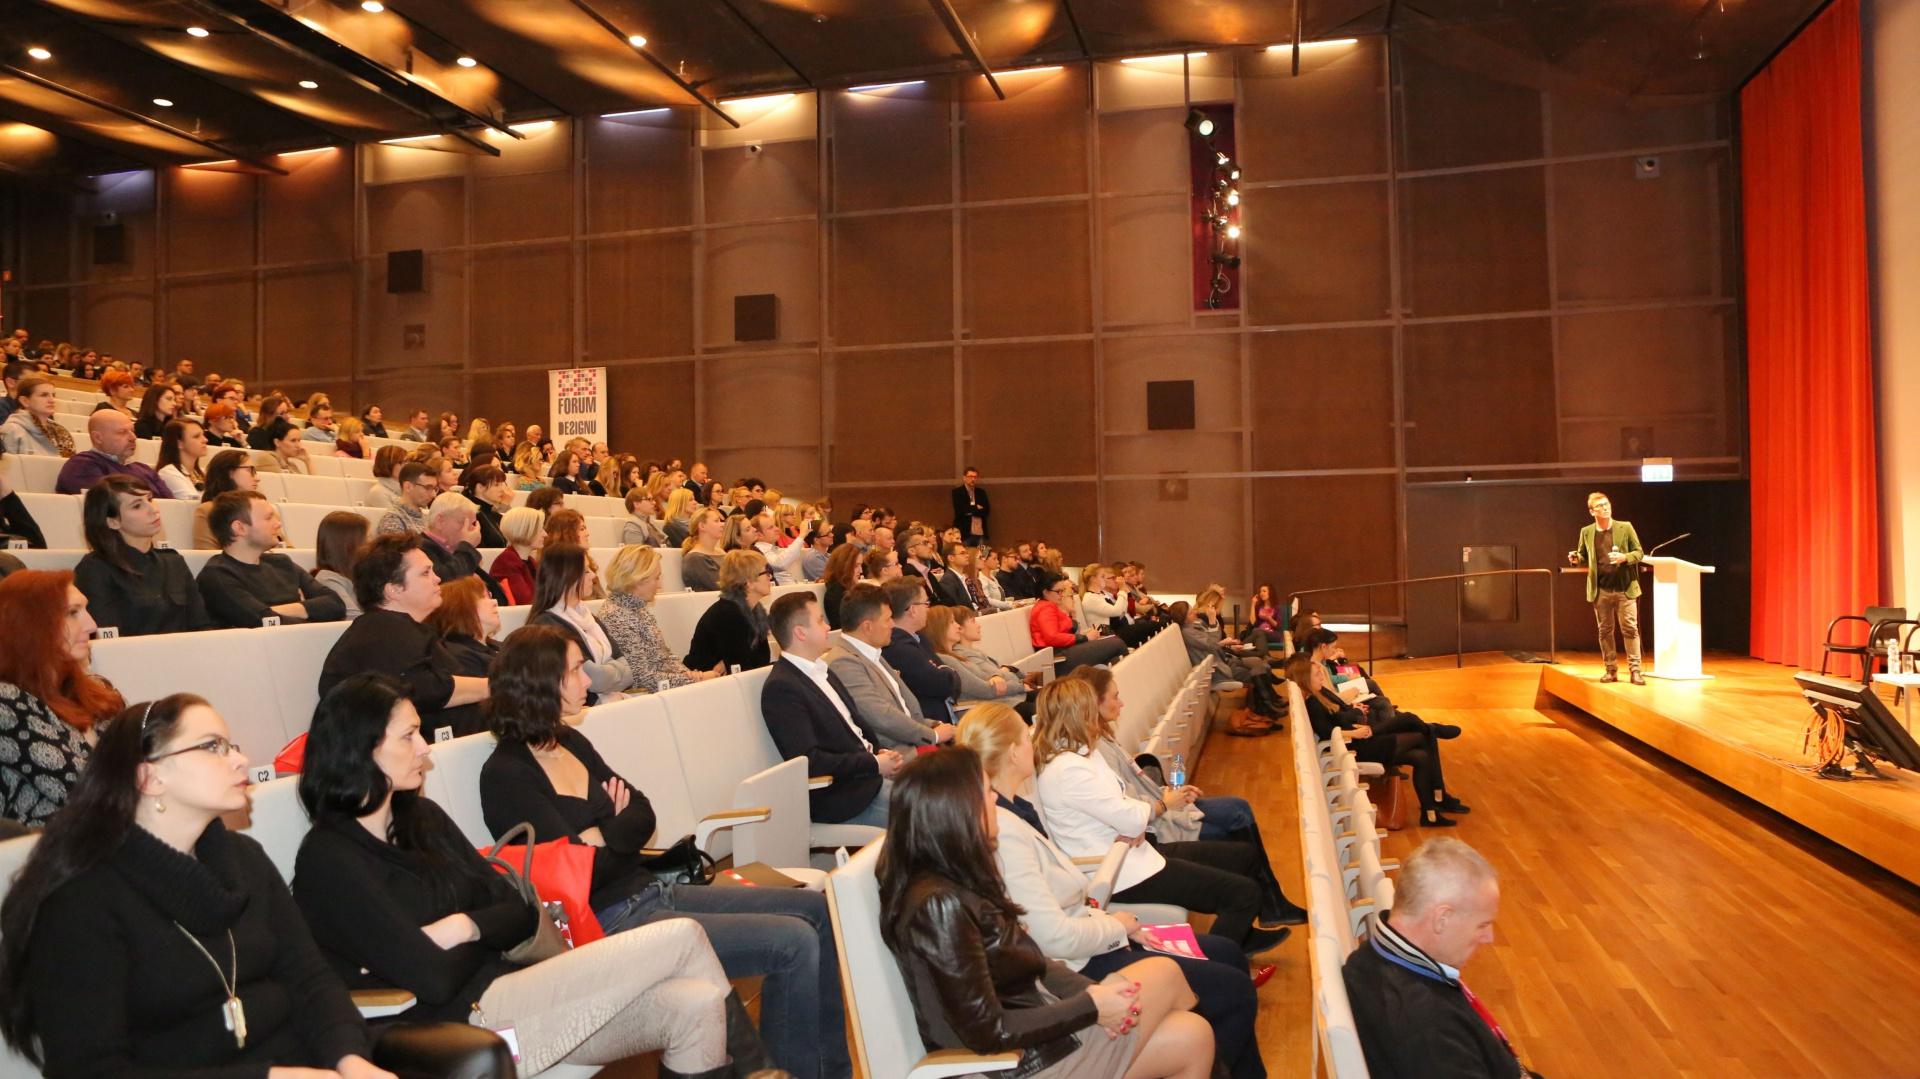 Frekwencja na Forum dopisała. W sumie w wydarzeniu wzięło udział ponad 700 osób. Fot. Bartosz Jarosz.